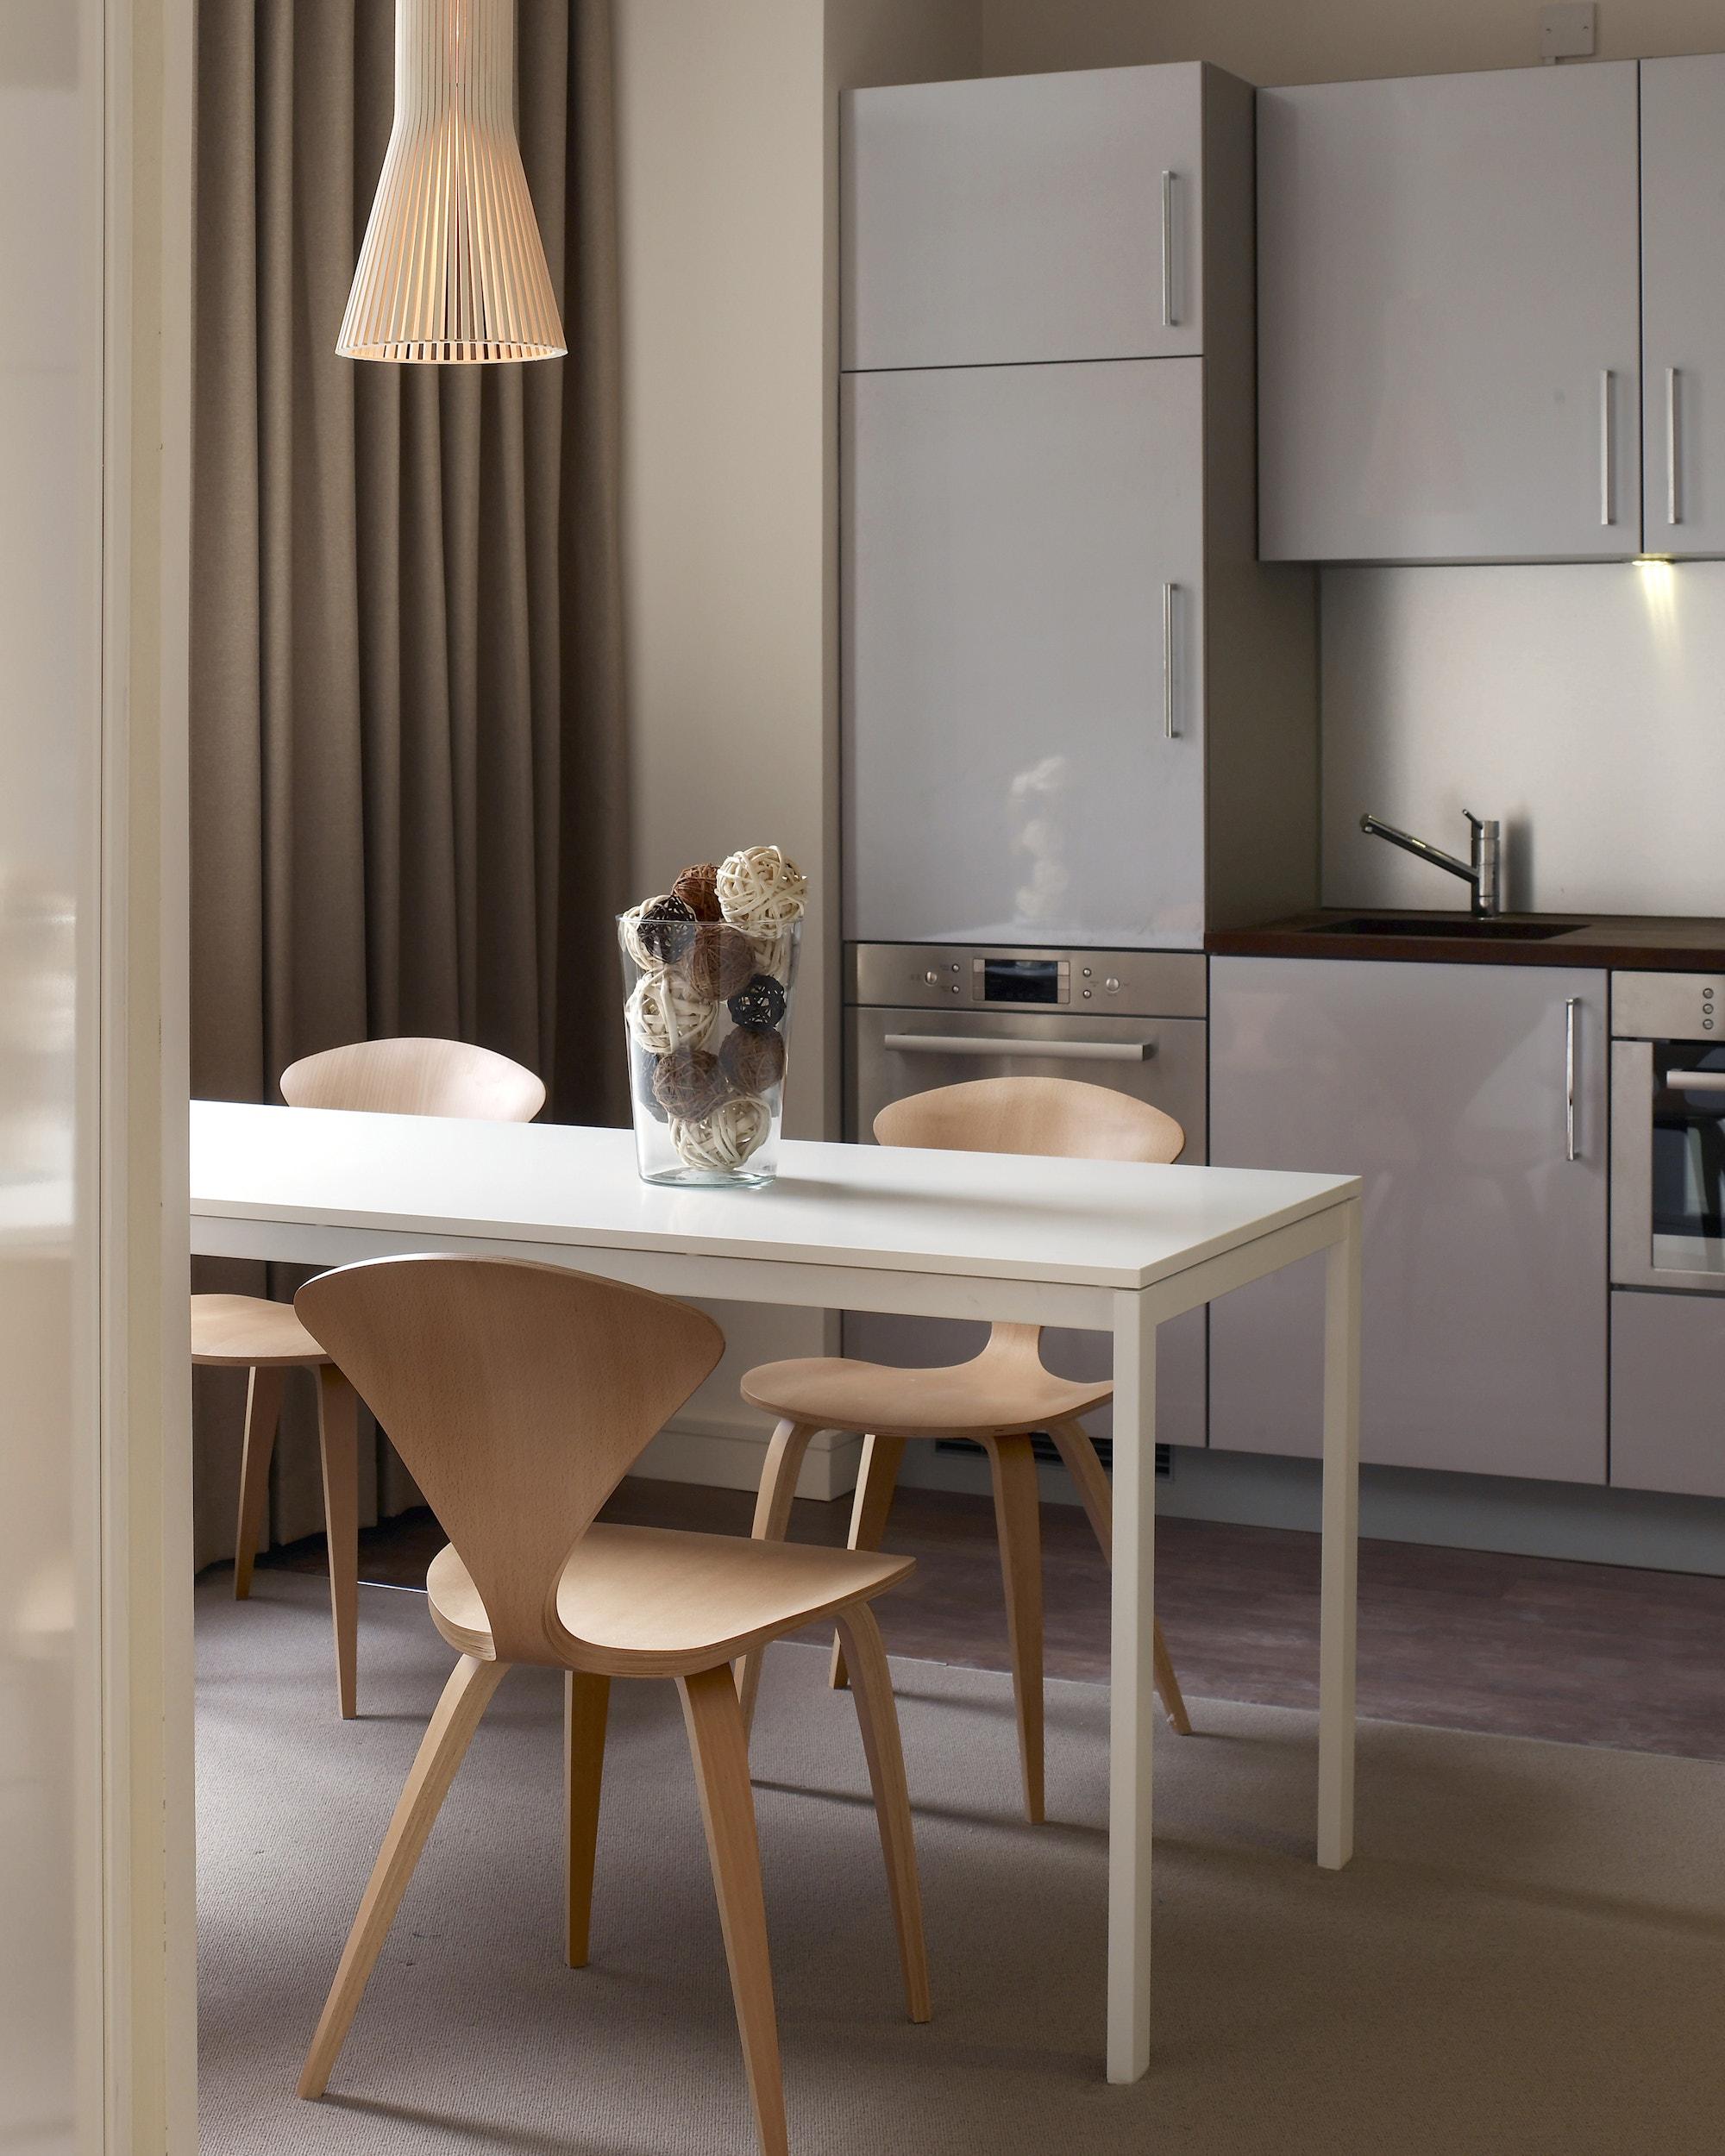 sussex-gardens-london-march-white-kitchen